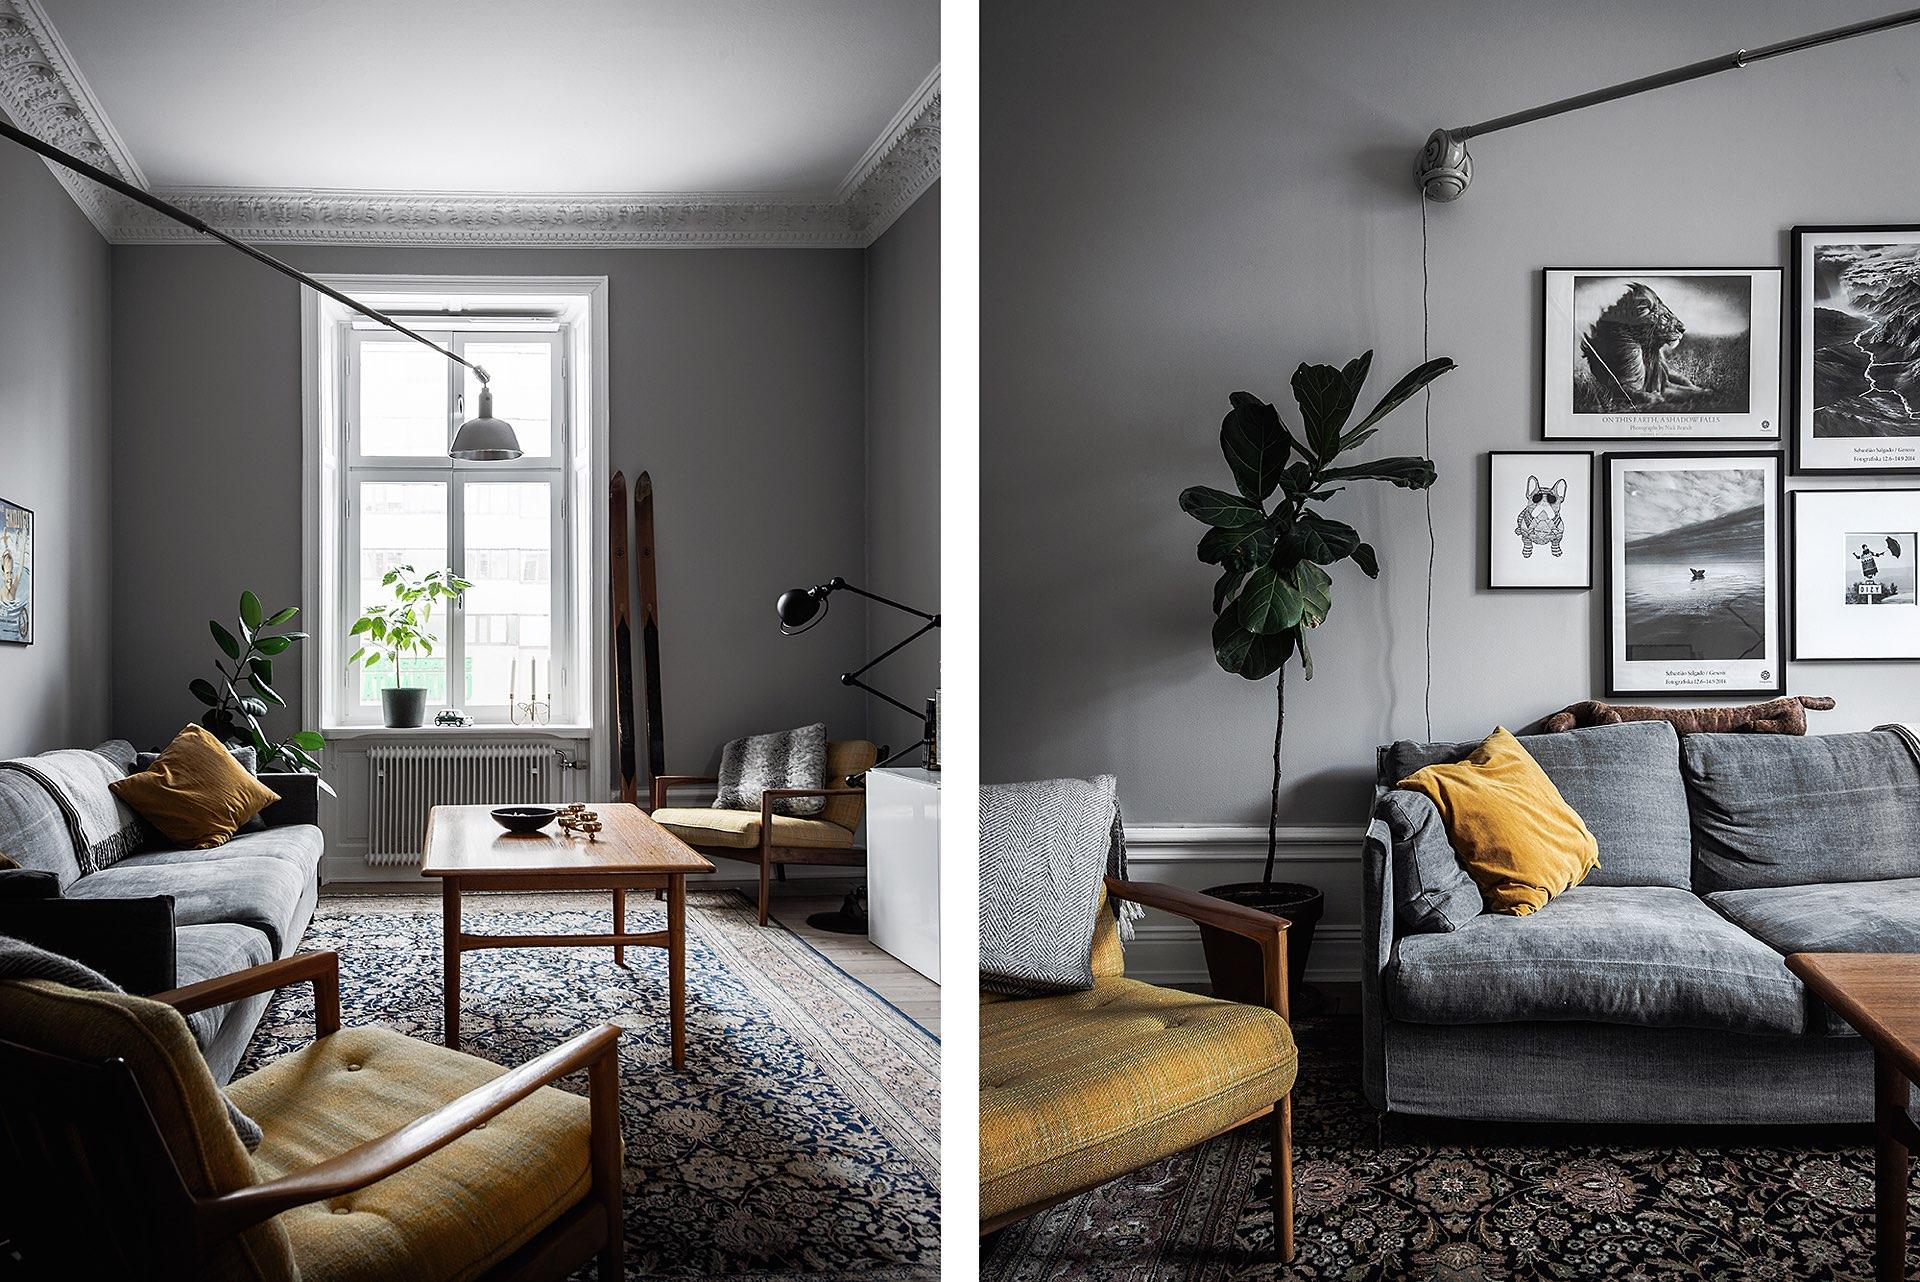 серый диван желтое кресло серые стены ковер столик окно комнатное растение высокий плинтус